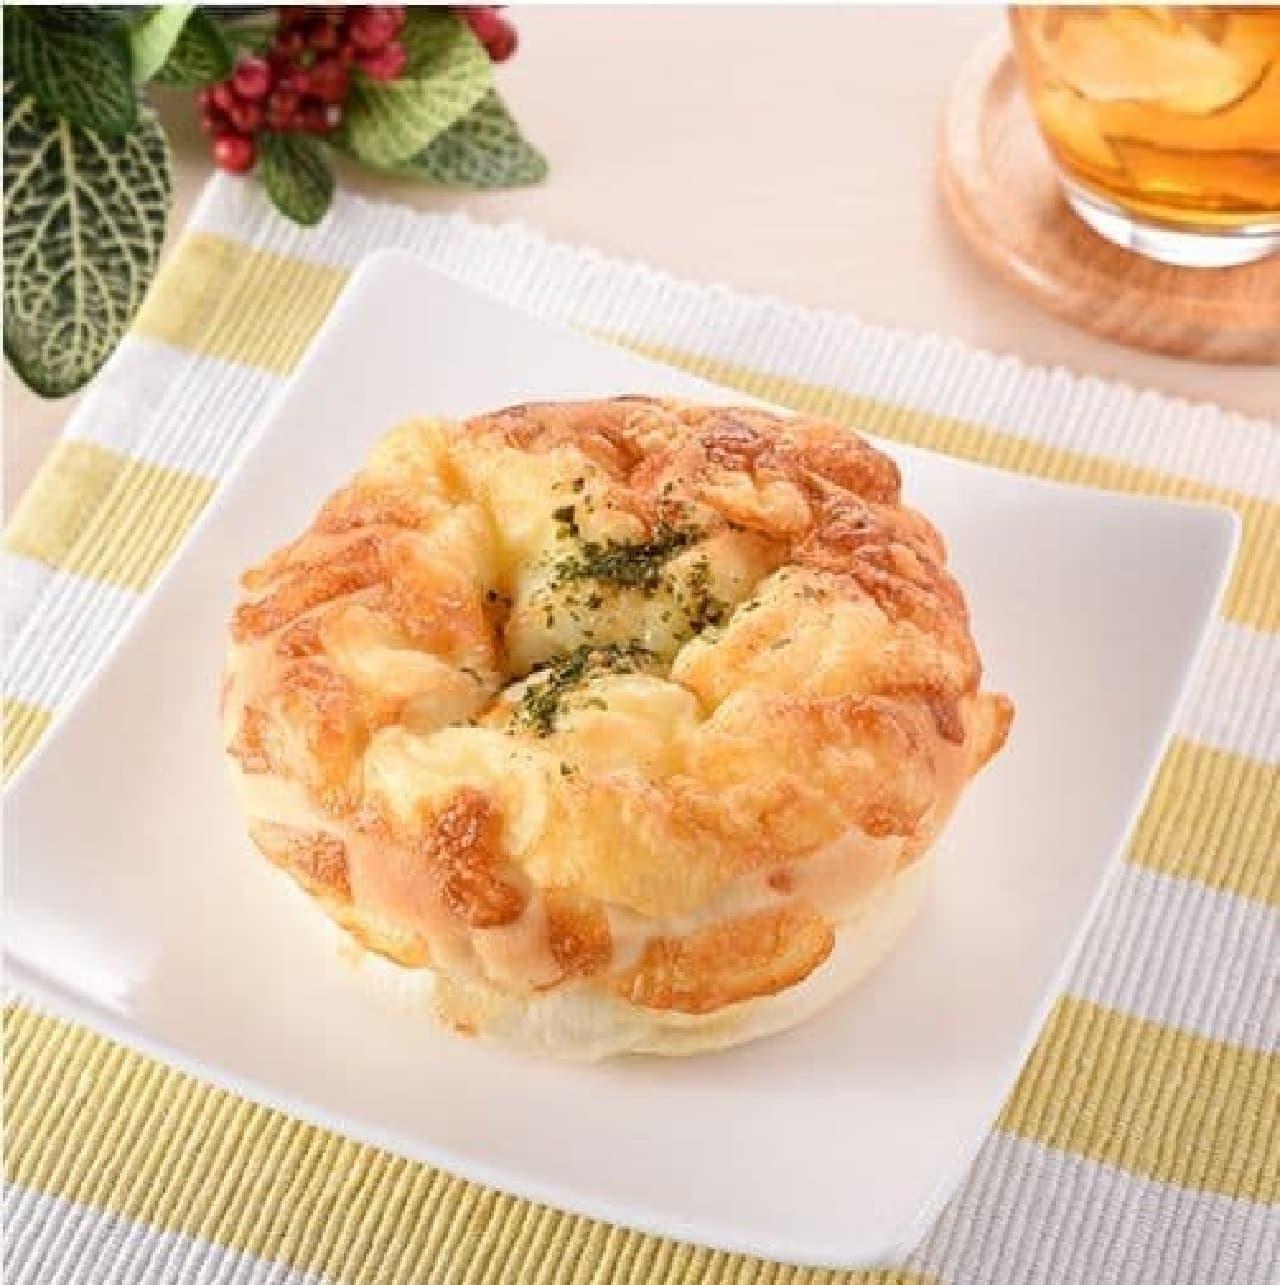 ファミリーマート「ツナ&チーズパン」